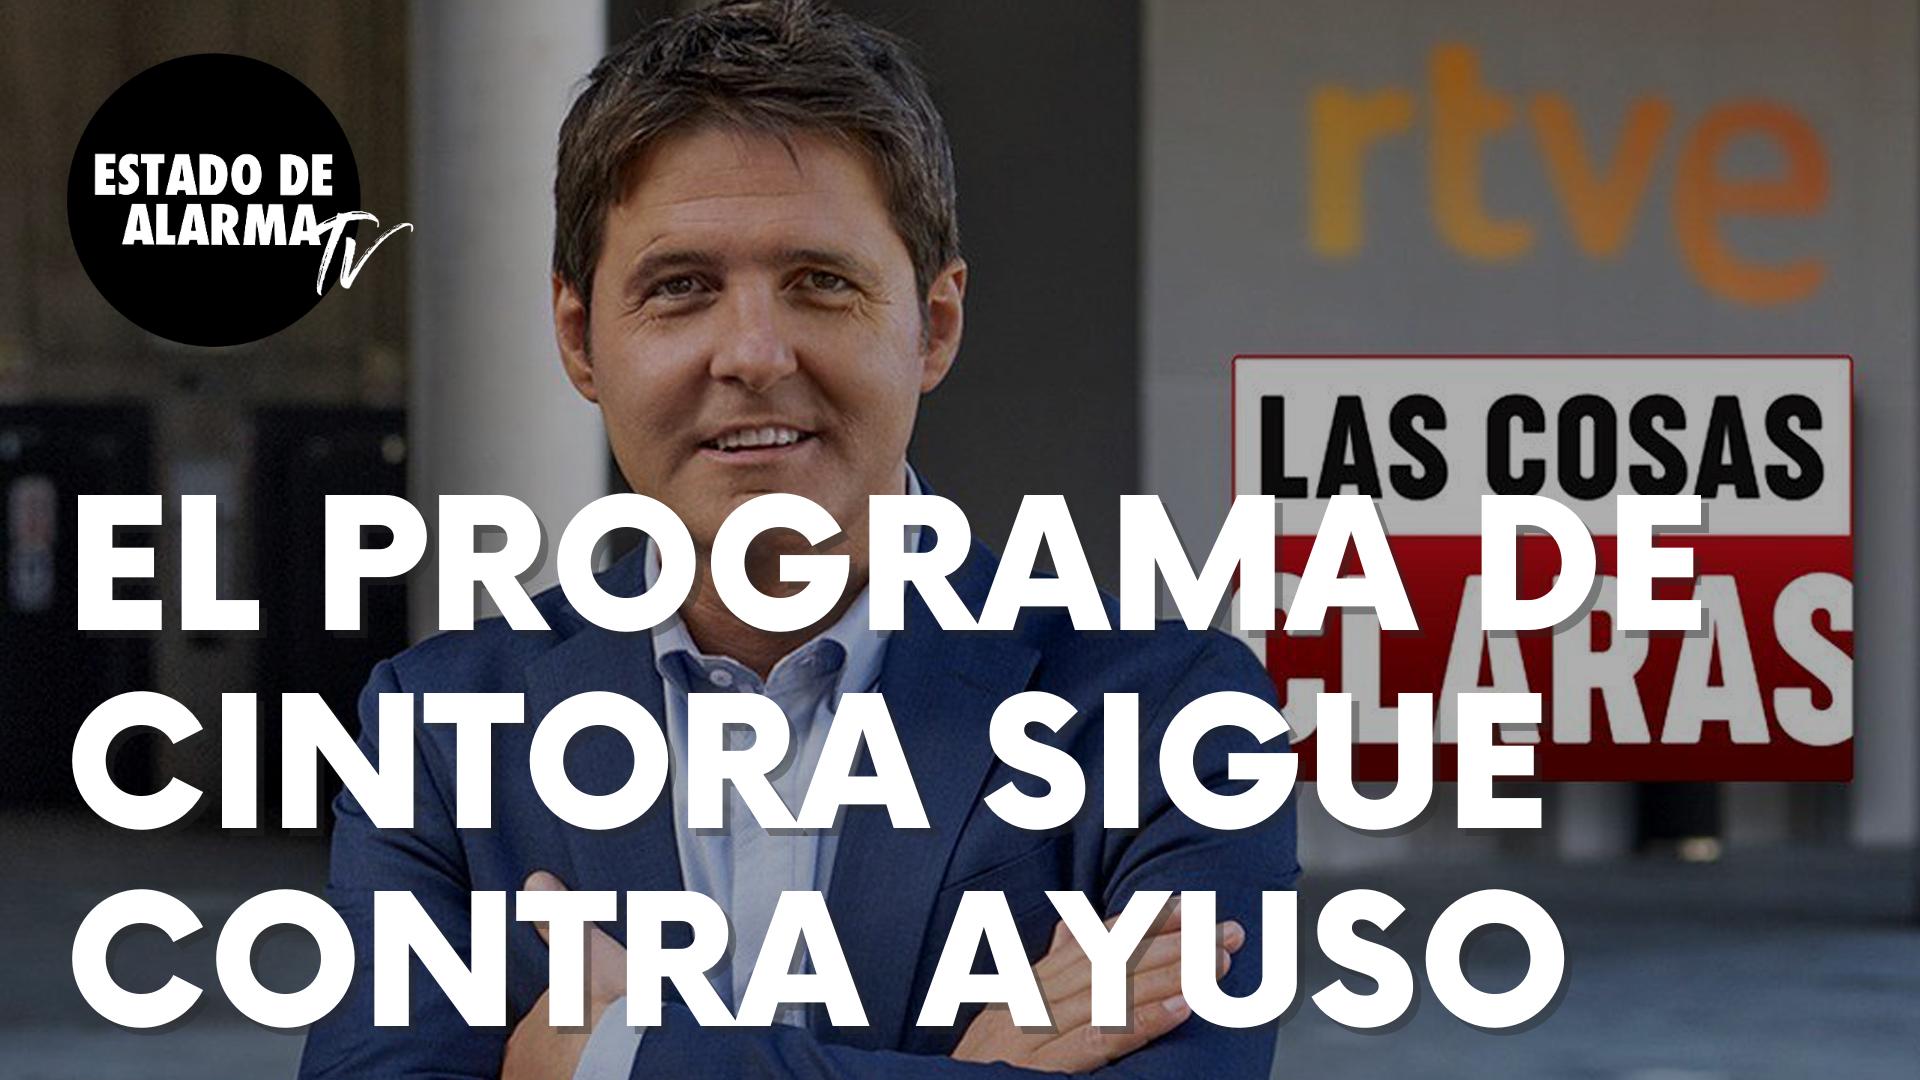 El programa de Jesús Cintora intensifica su campaña contra Isabel Díaz Ayuso en TVE